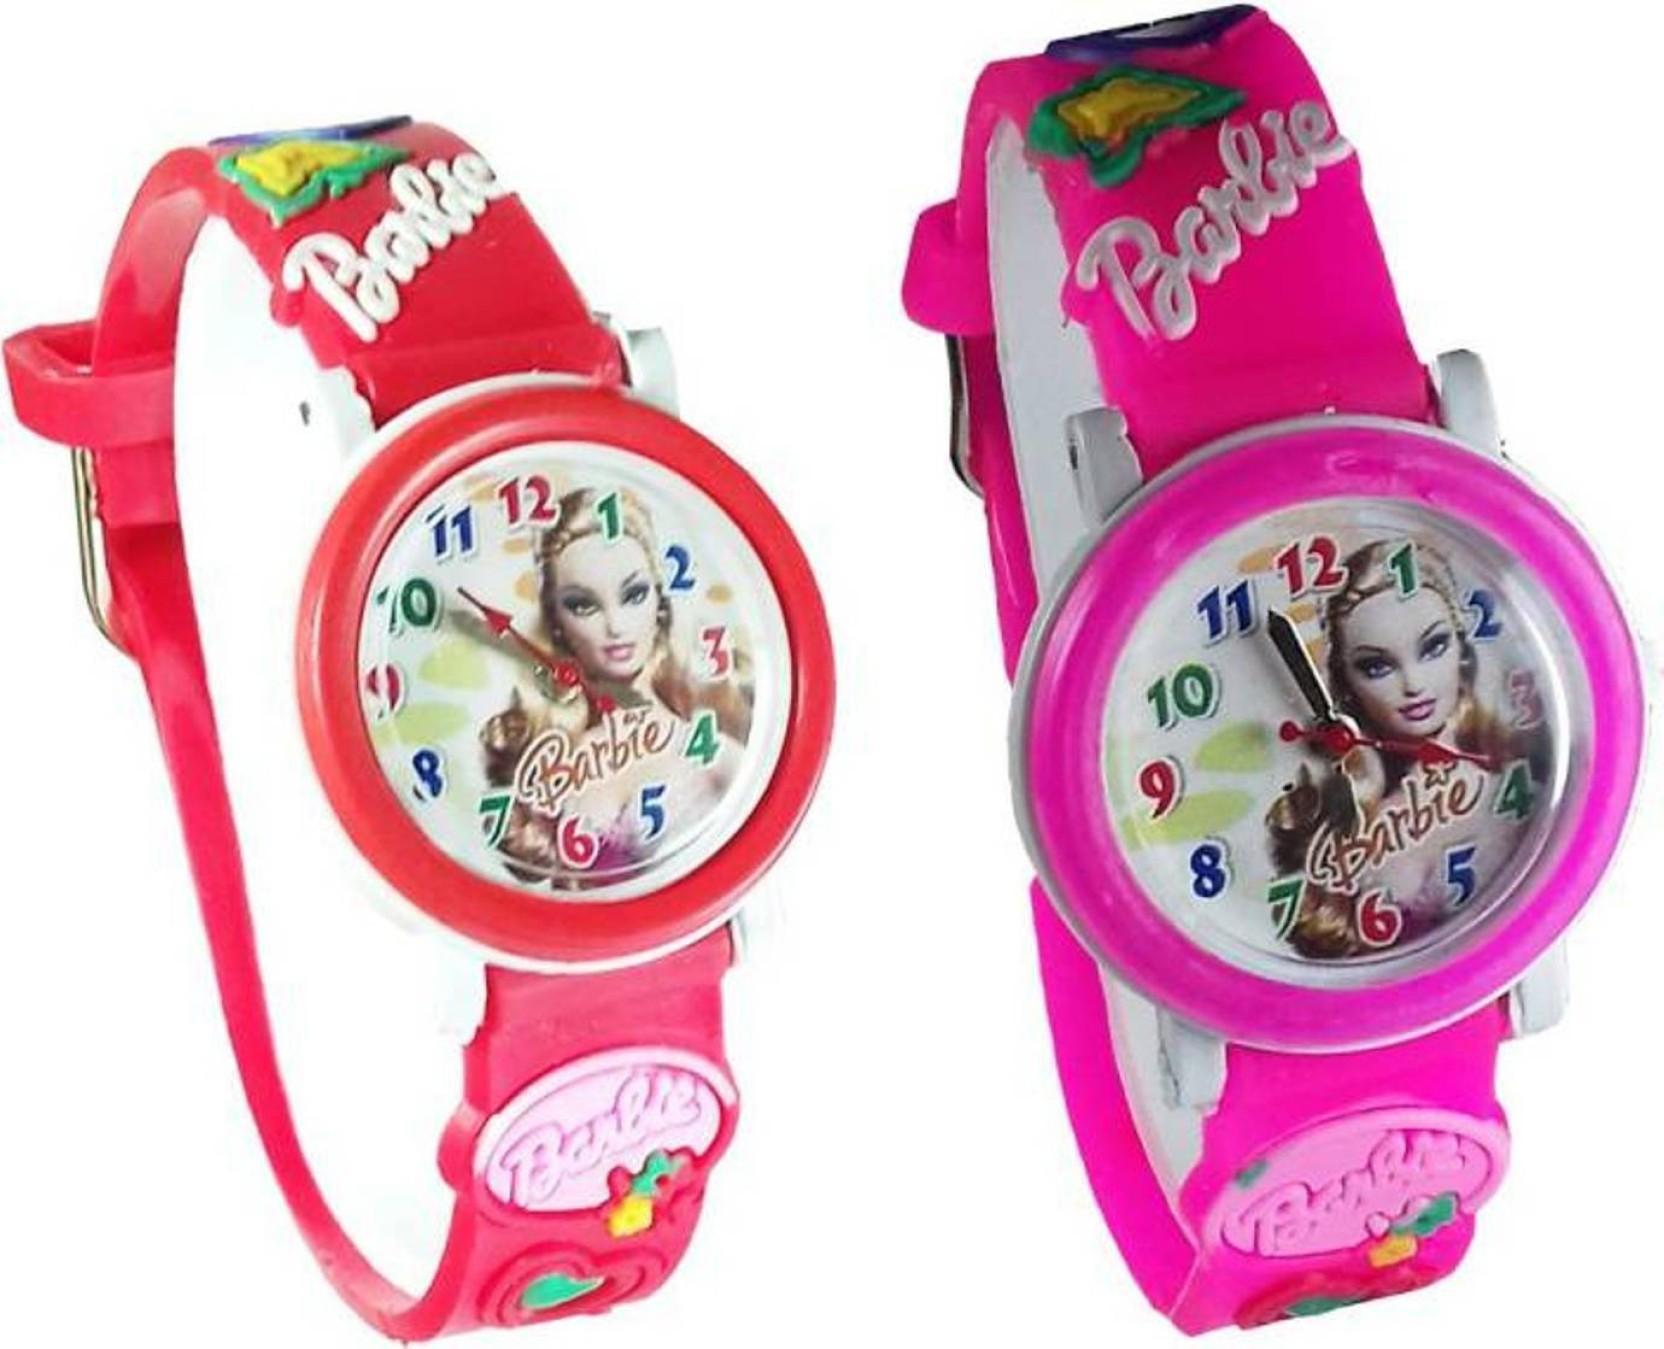 Devego Dev_Barbie Watch - For Boys & Girls